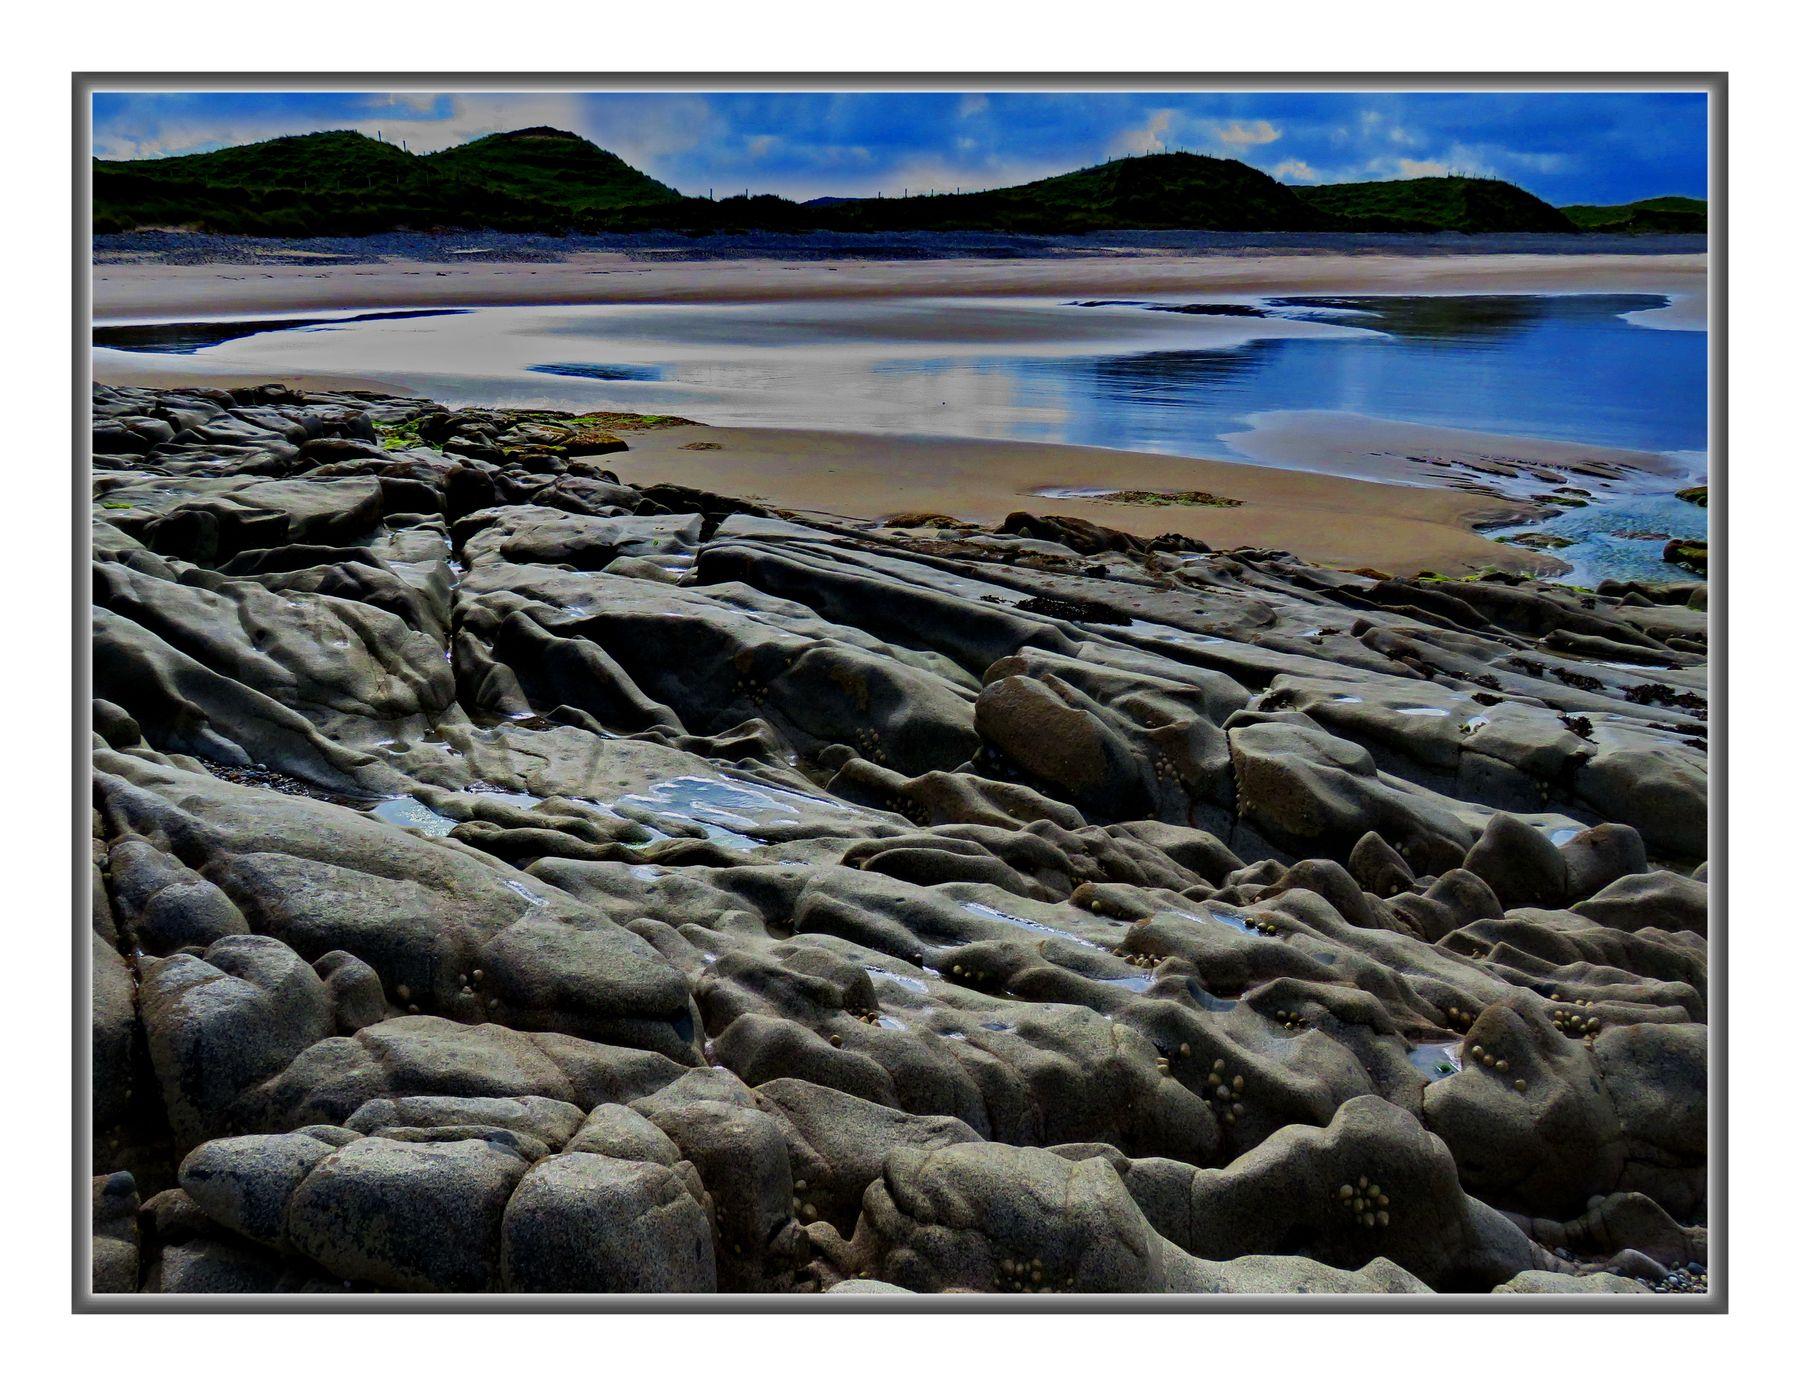 Каменистая лагуна Пейзаж с каменистыми берегами